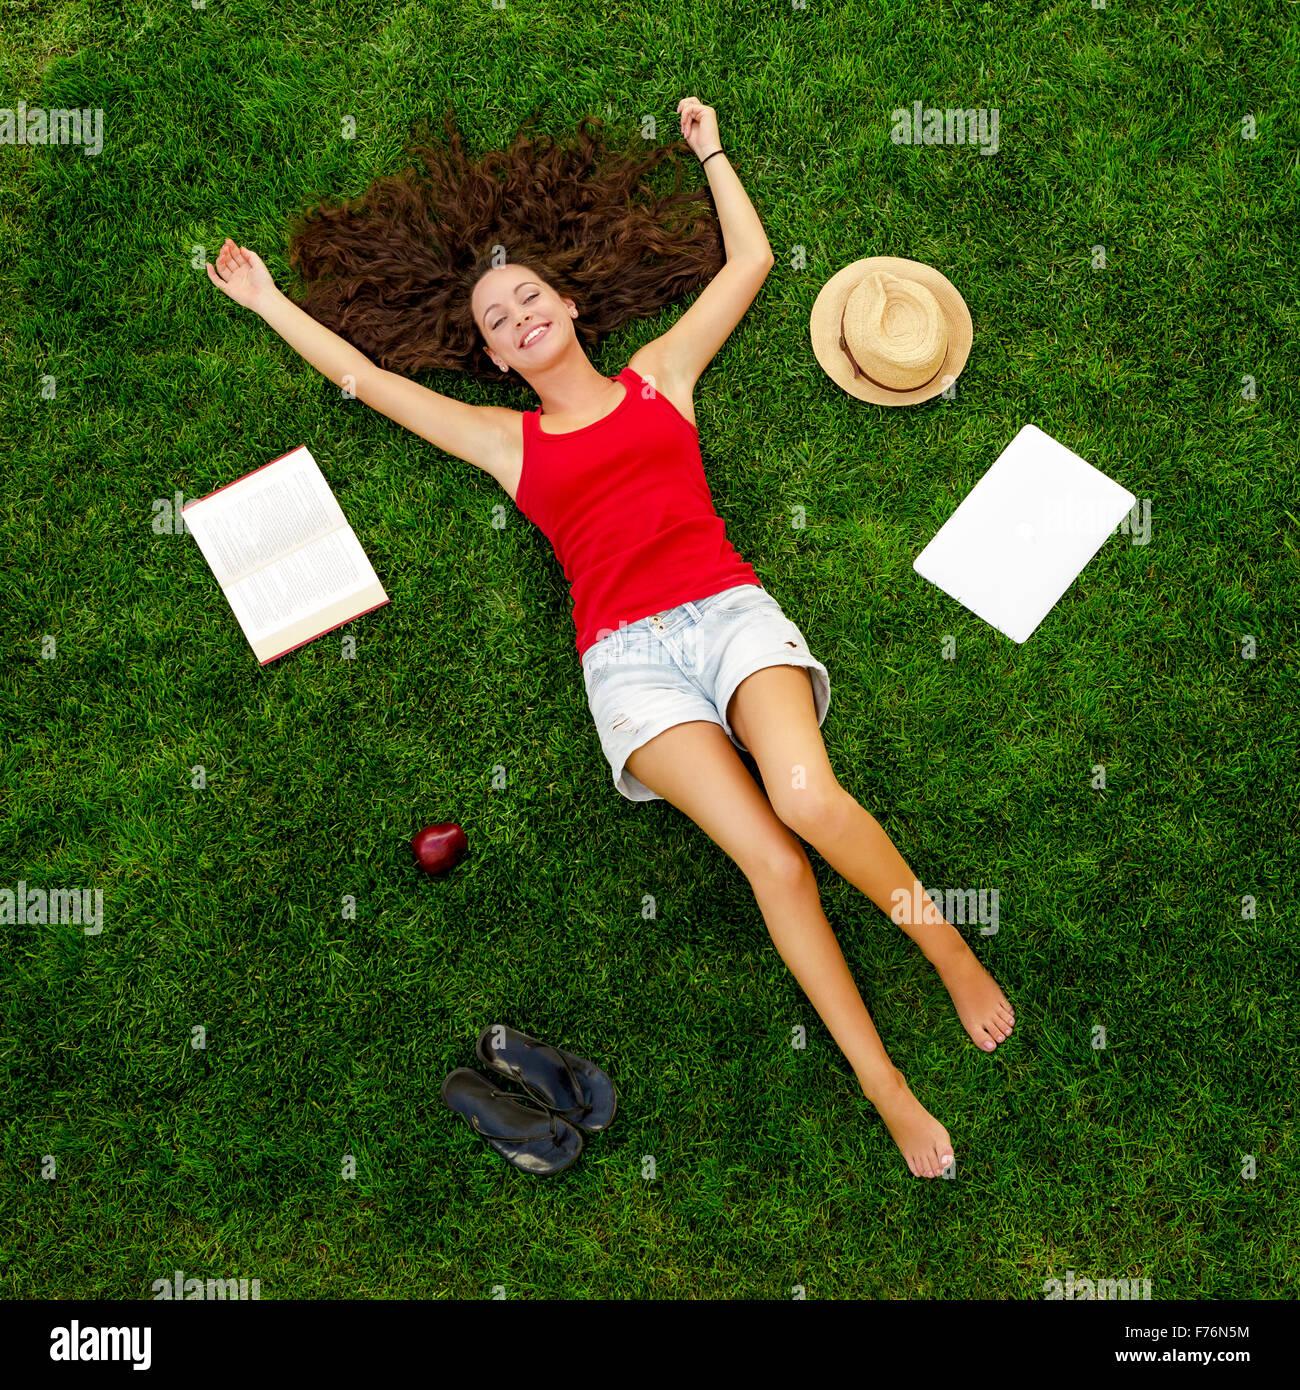 Schöne und glückliche junge Frau liegt auf dem Rasen Stockbild